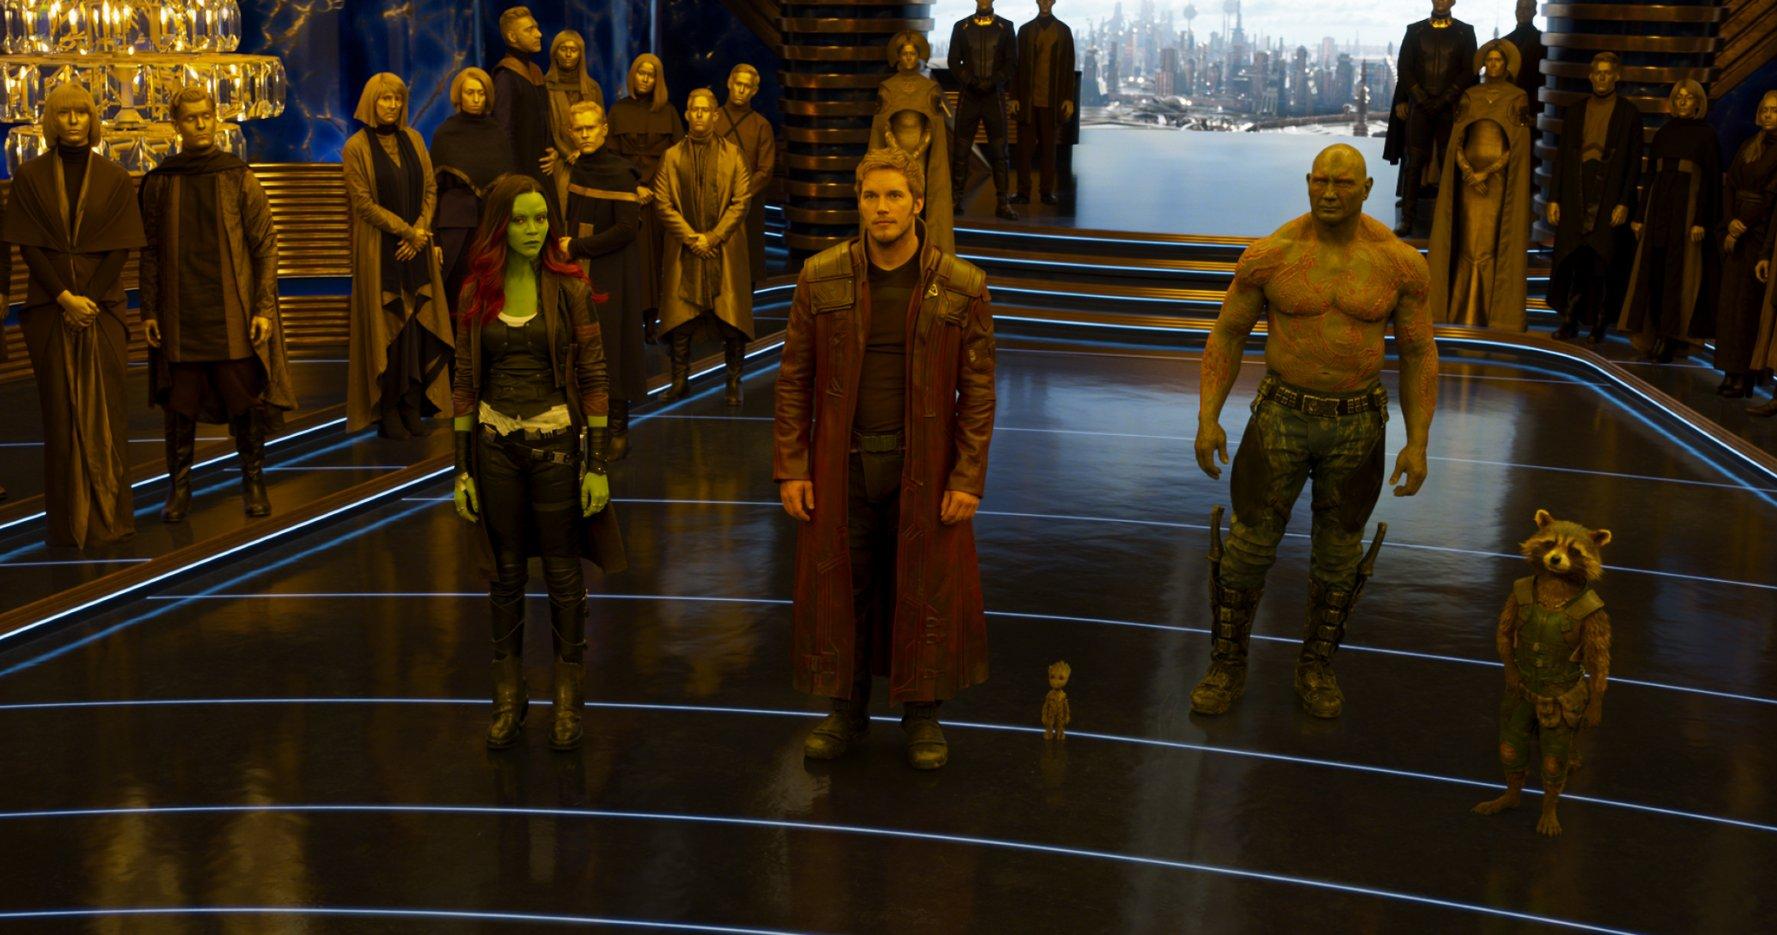 Les Gardiens de la Galaxie 2: une course-poursuite dans l'Espace ! (extrait)